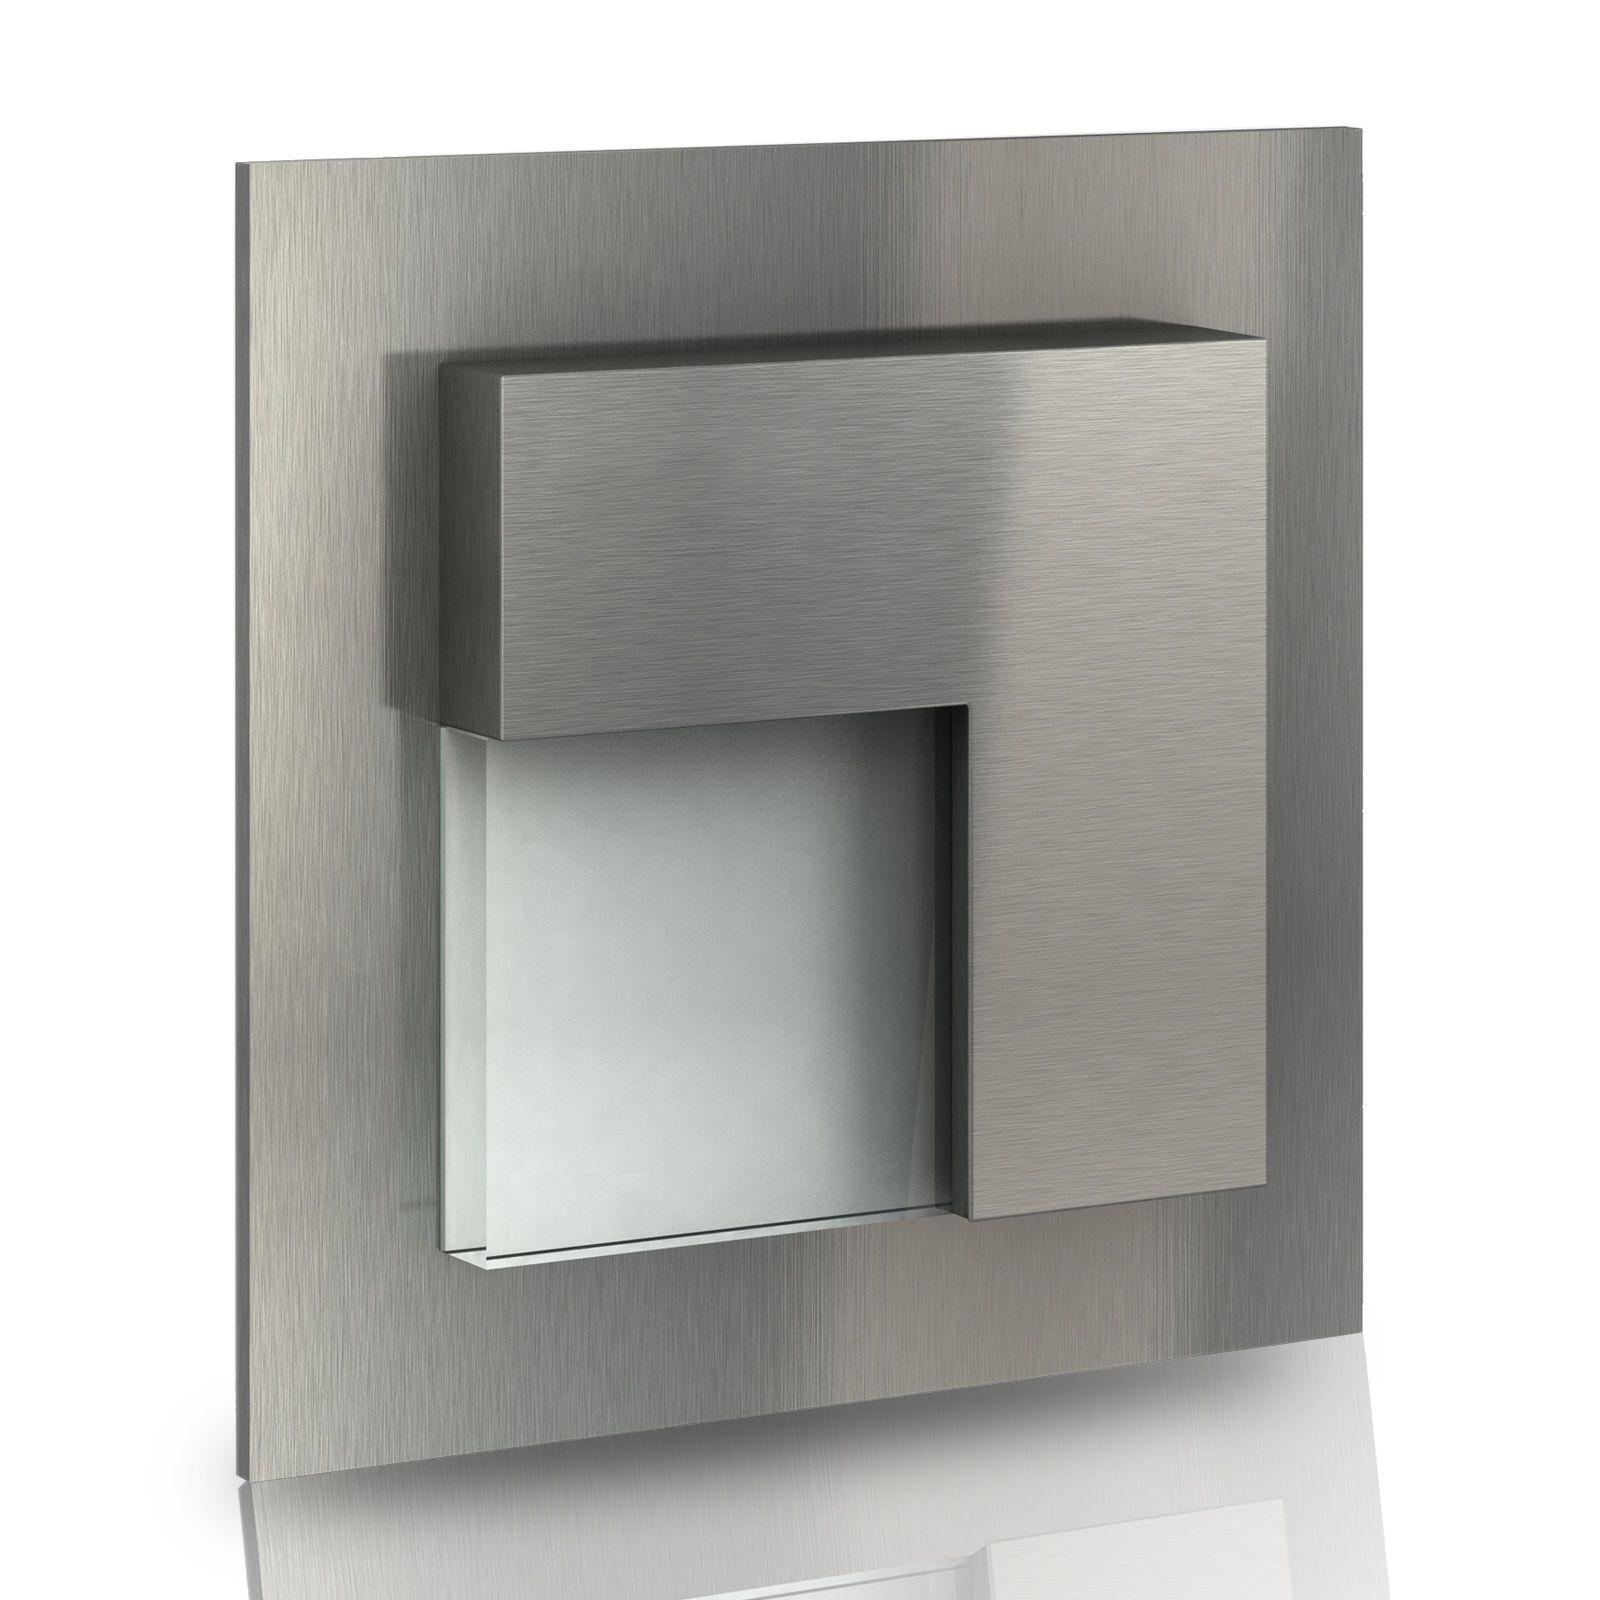 Details zu LED Wandeinbauleuchte Stufenleuchten 230V Edelstahl 1W ...